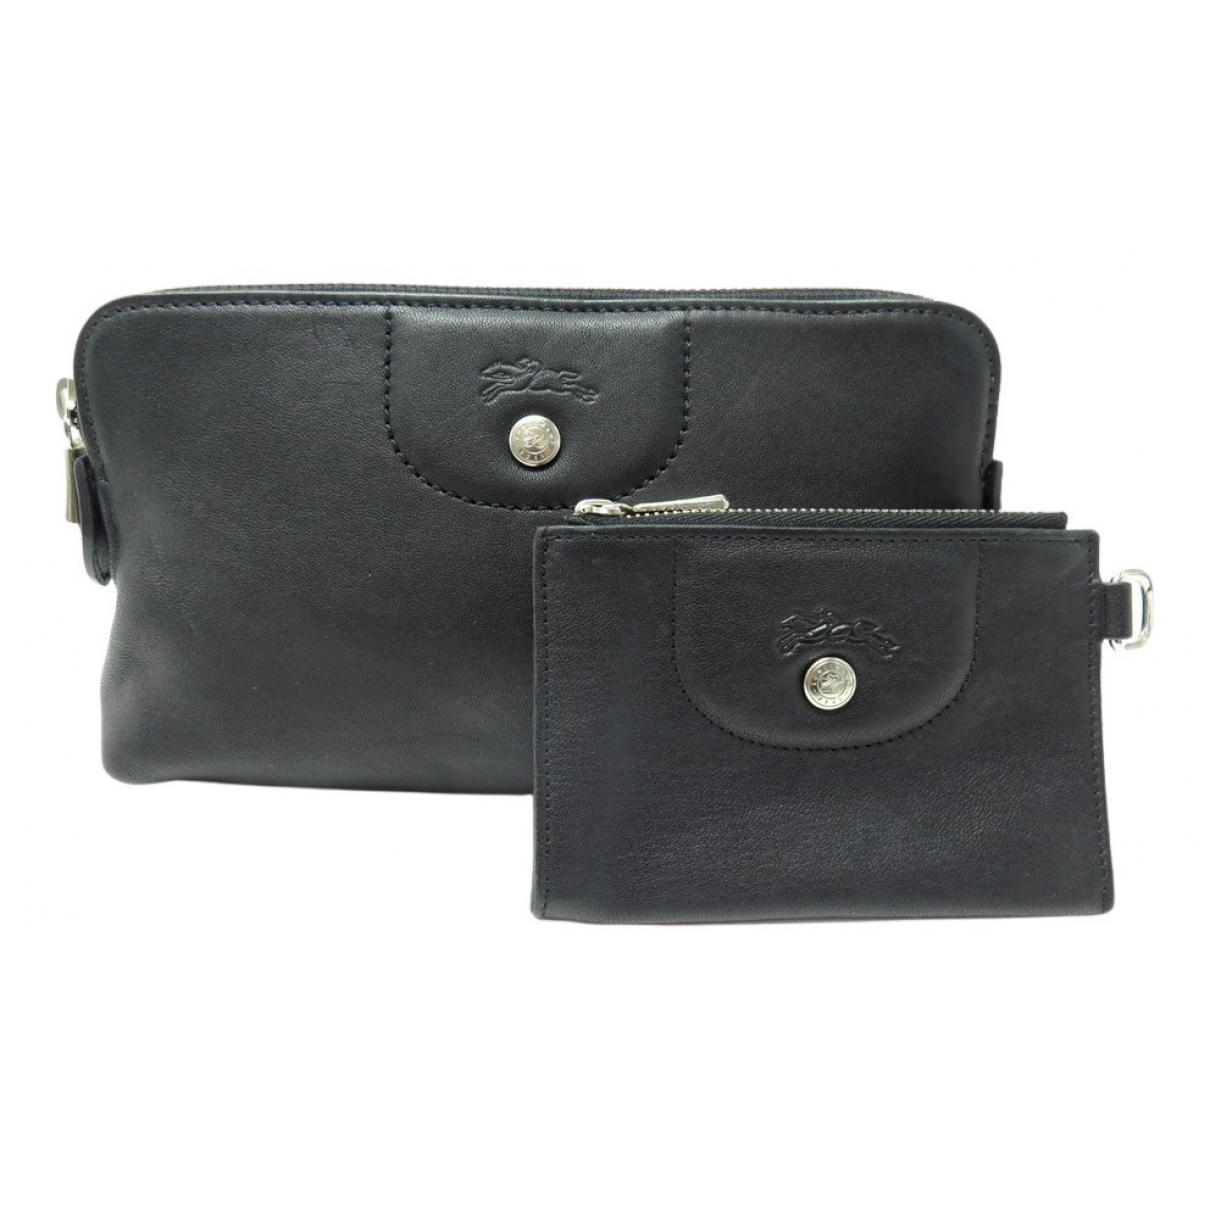 Longchamp - Petite maroquinerie   pour femme en cuir - noir